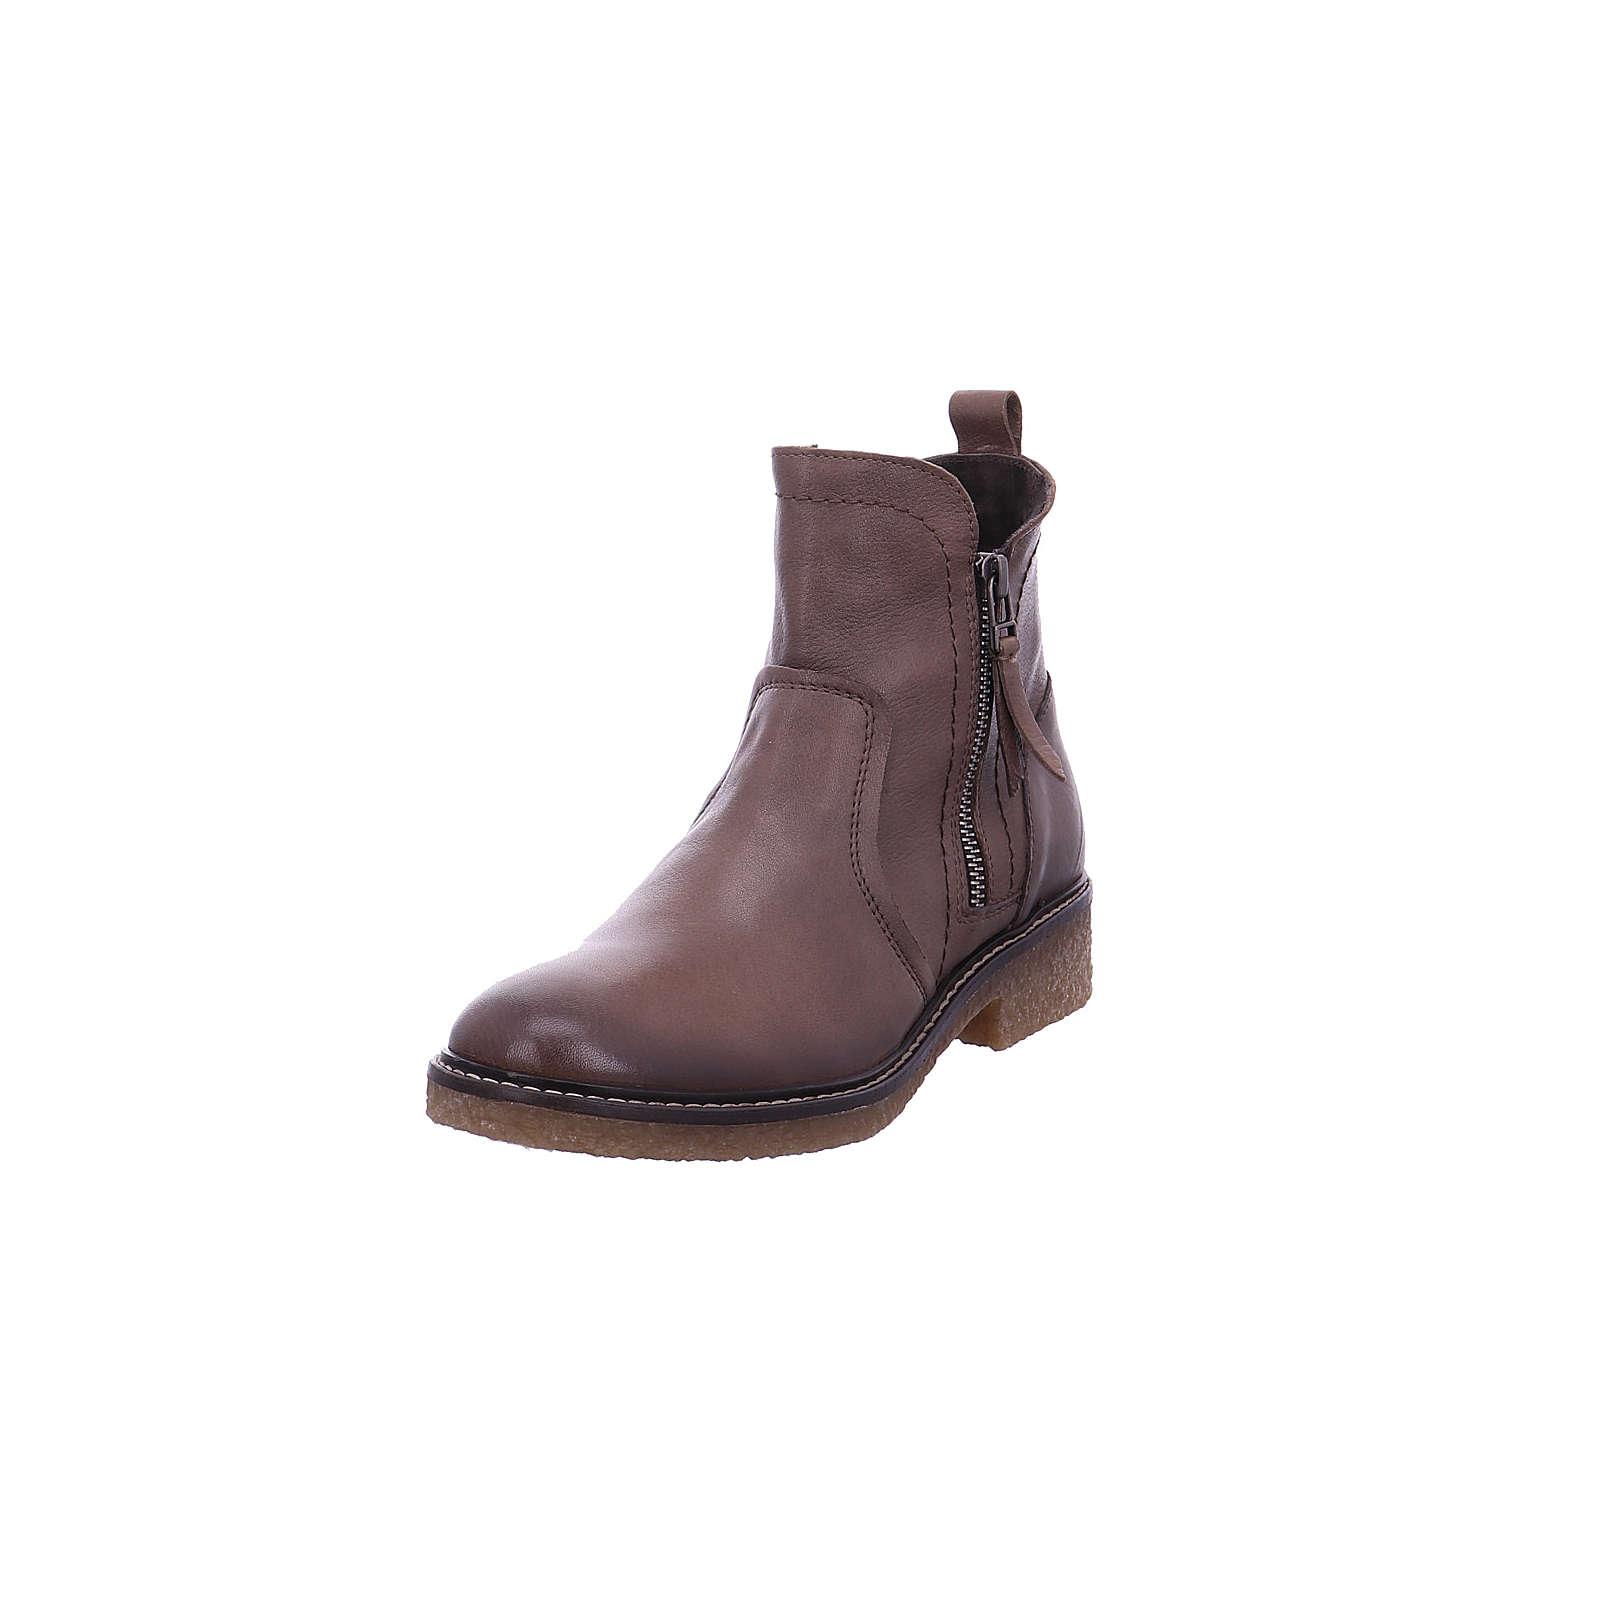 Camel active Damen Boots – Palm – Glattlder in braun – 869.73.01 Klassische Stiefel braun Damen Gr. 40,5